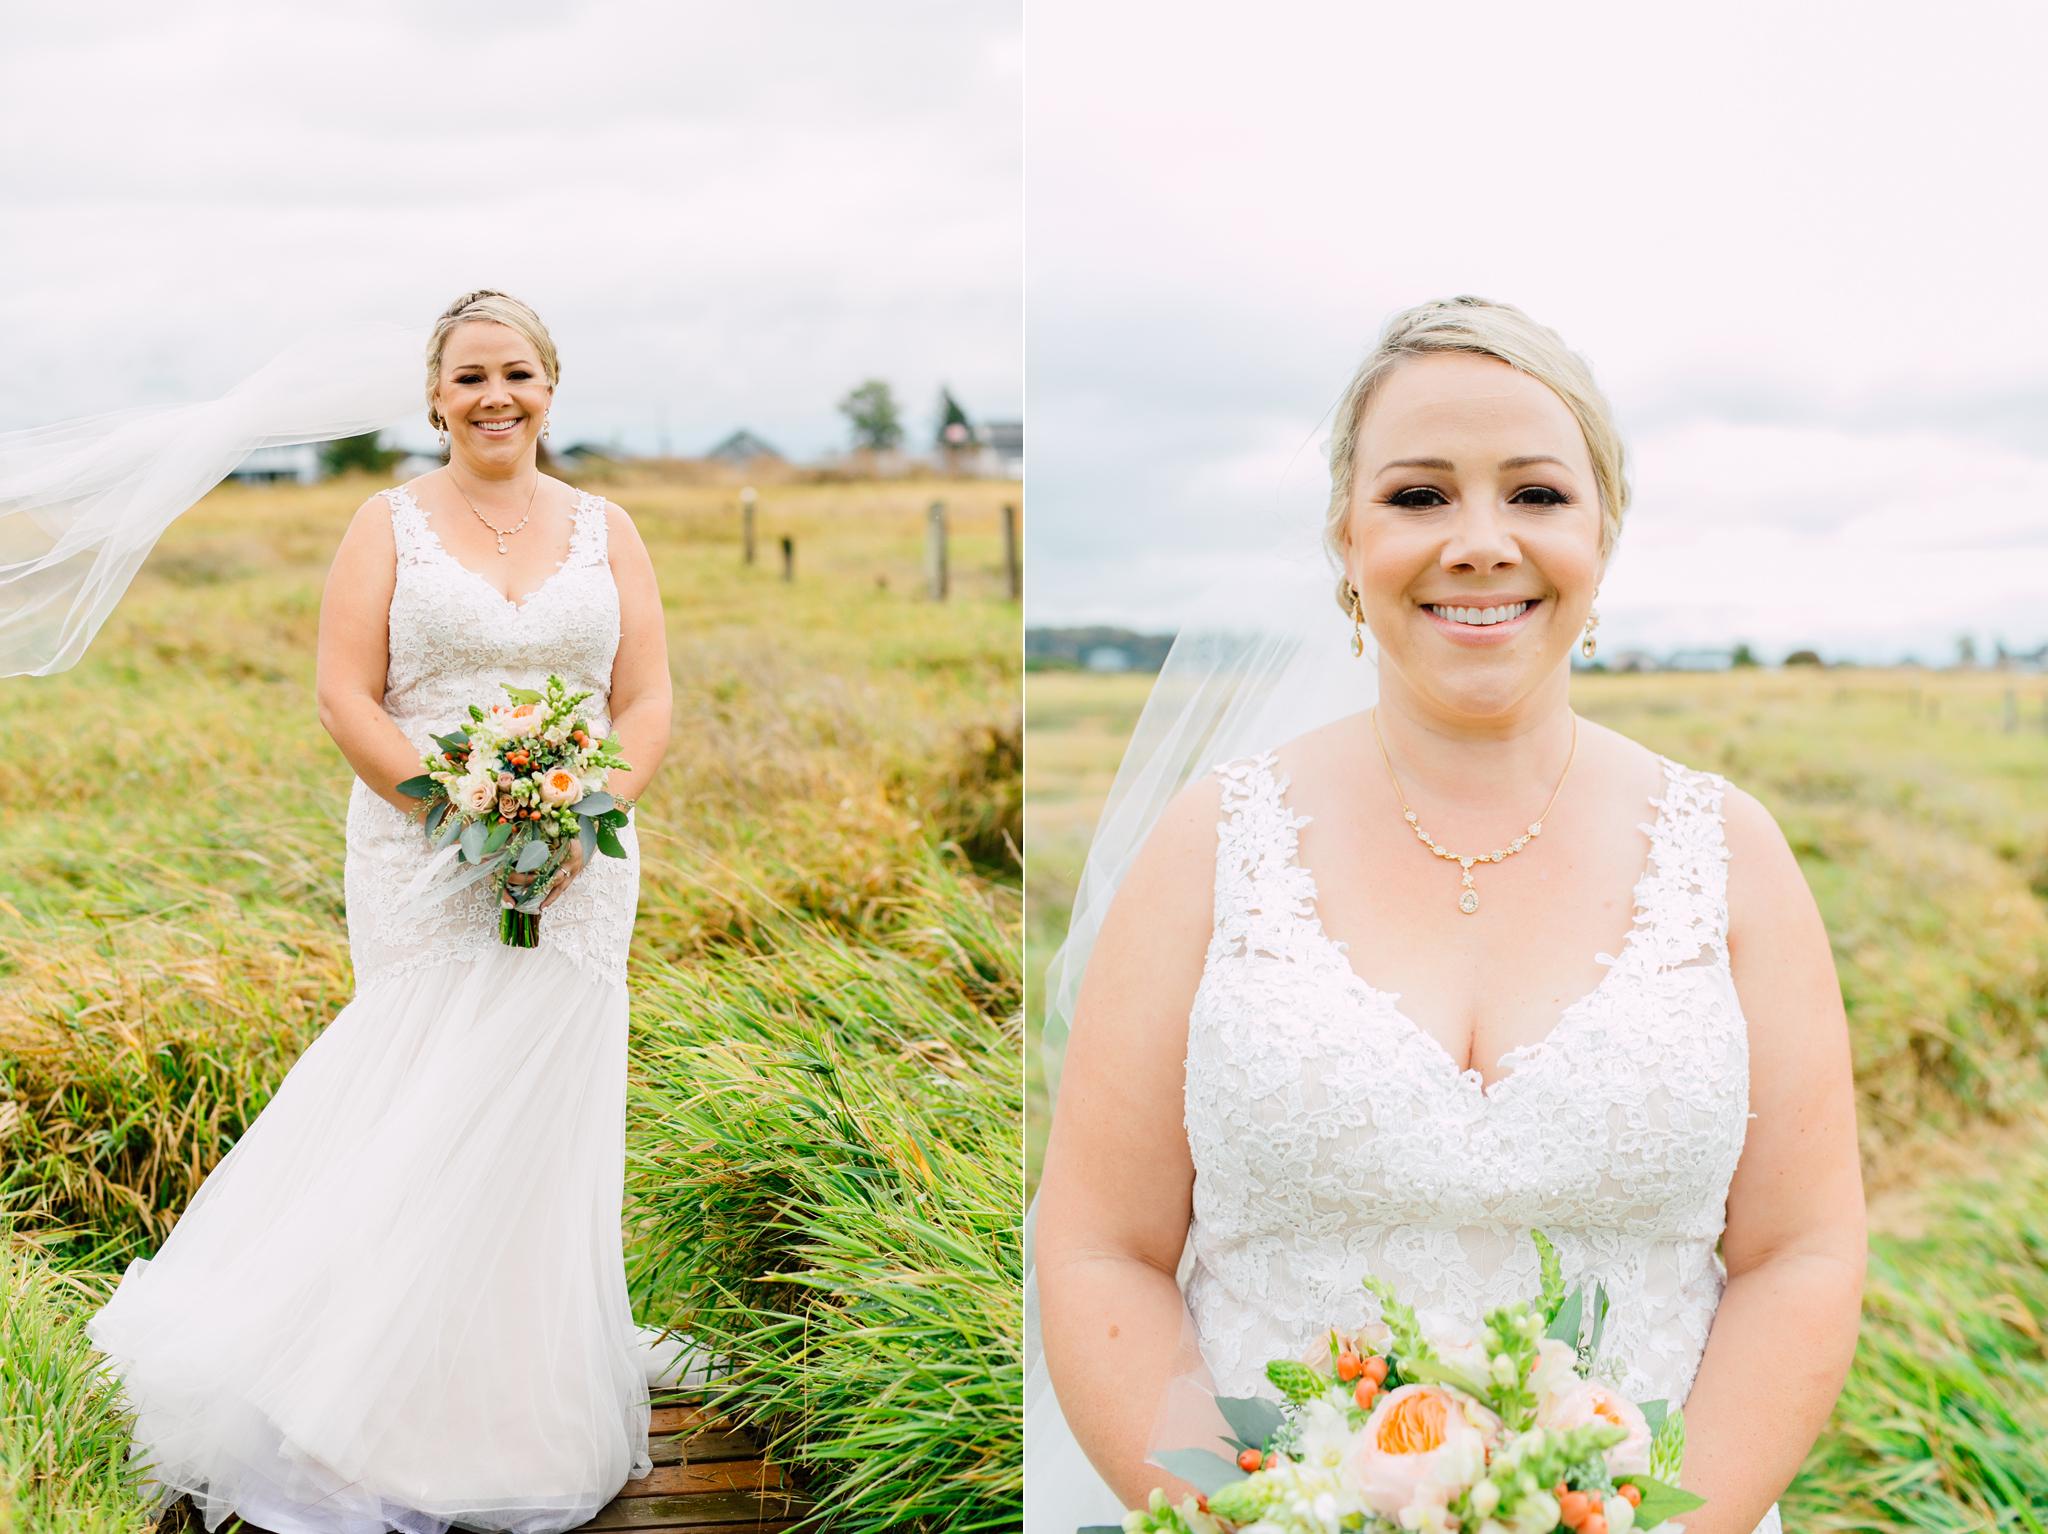 003-bellingham-wedding-photographer-beach-katheryn-moran-elisa-phillip.jpg